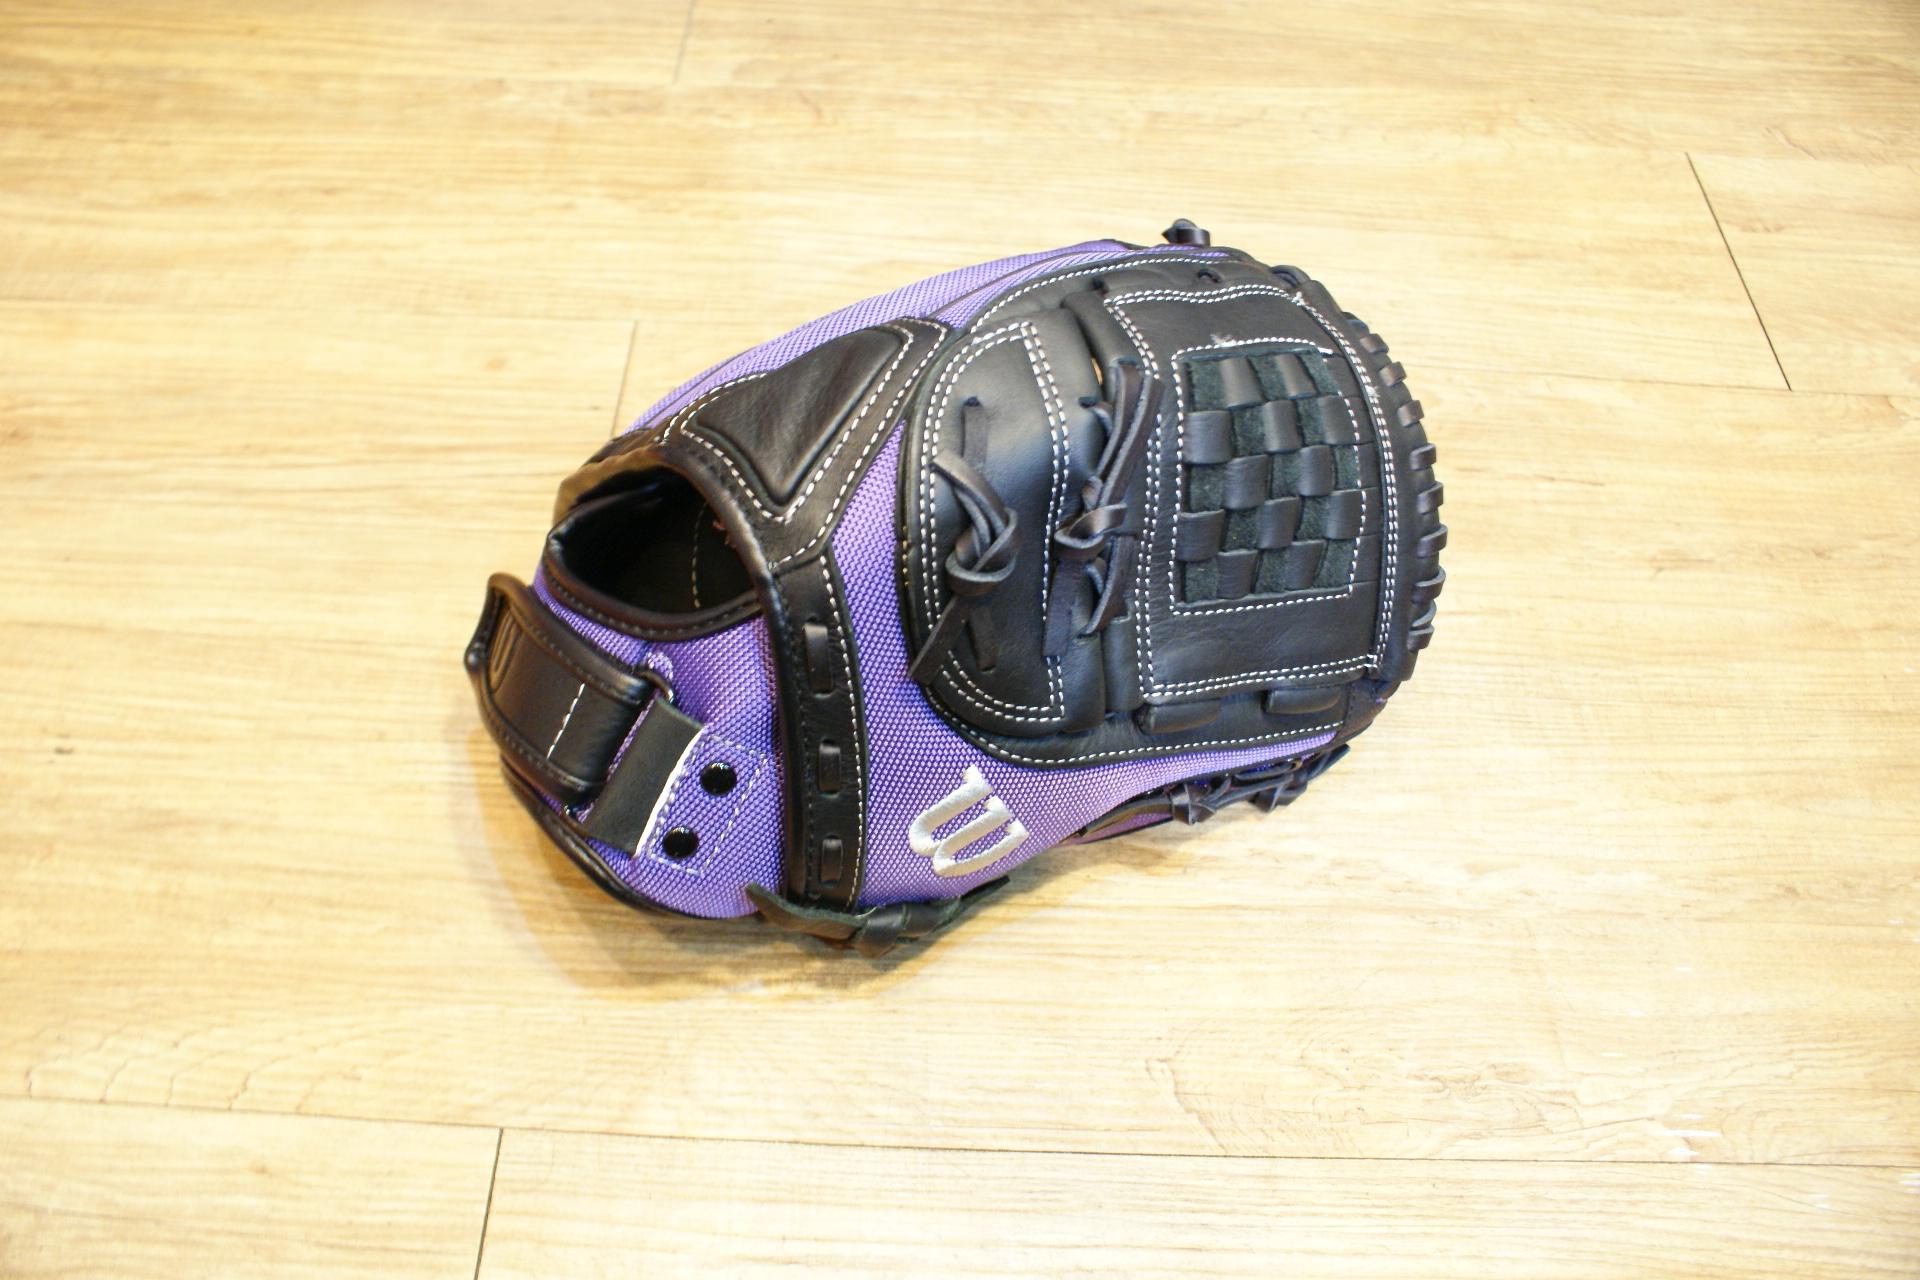 棒球世界 全新Wilson A640 12 高級棒壘球手套特價